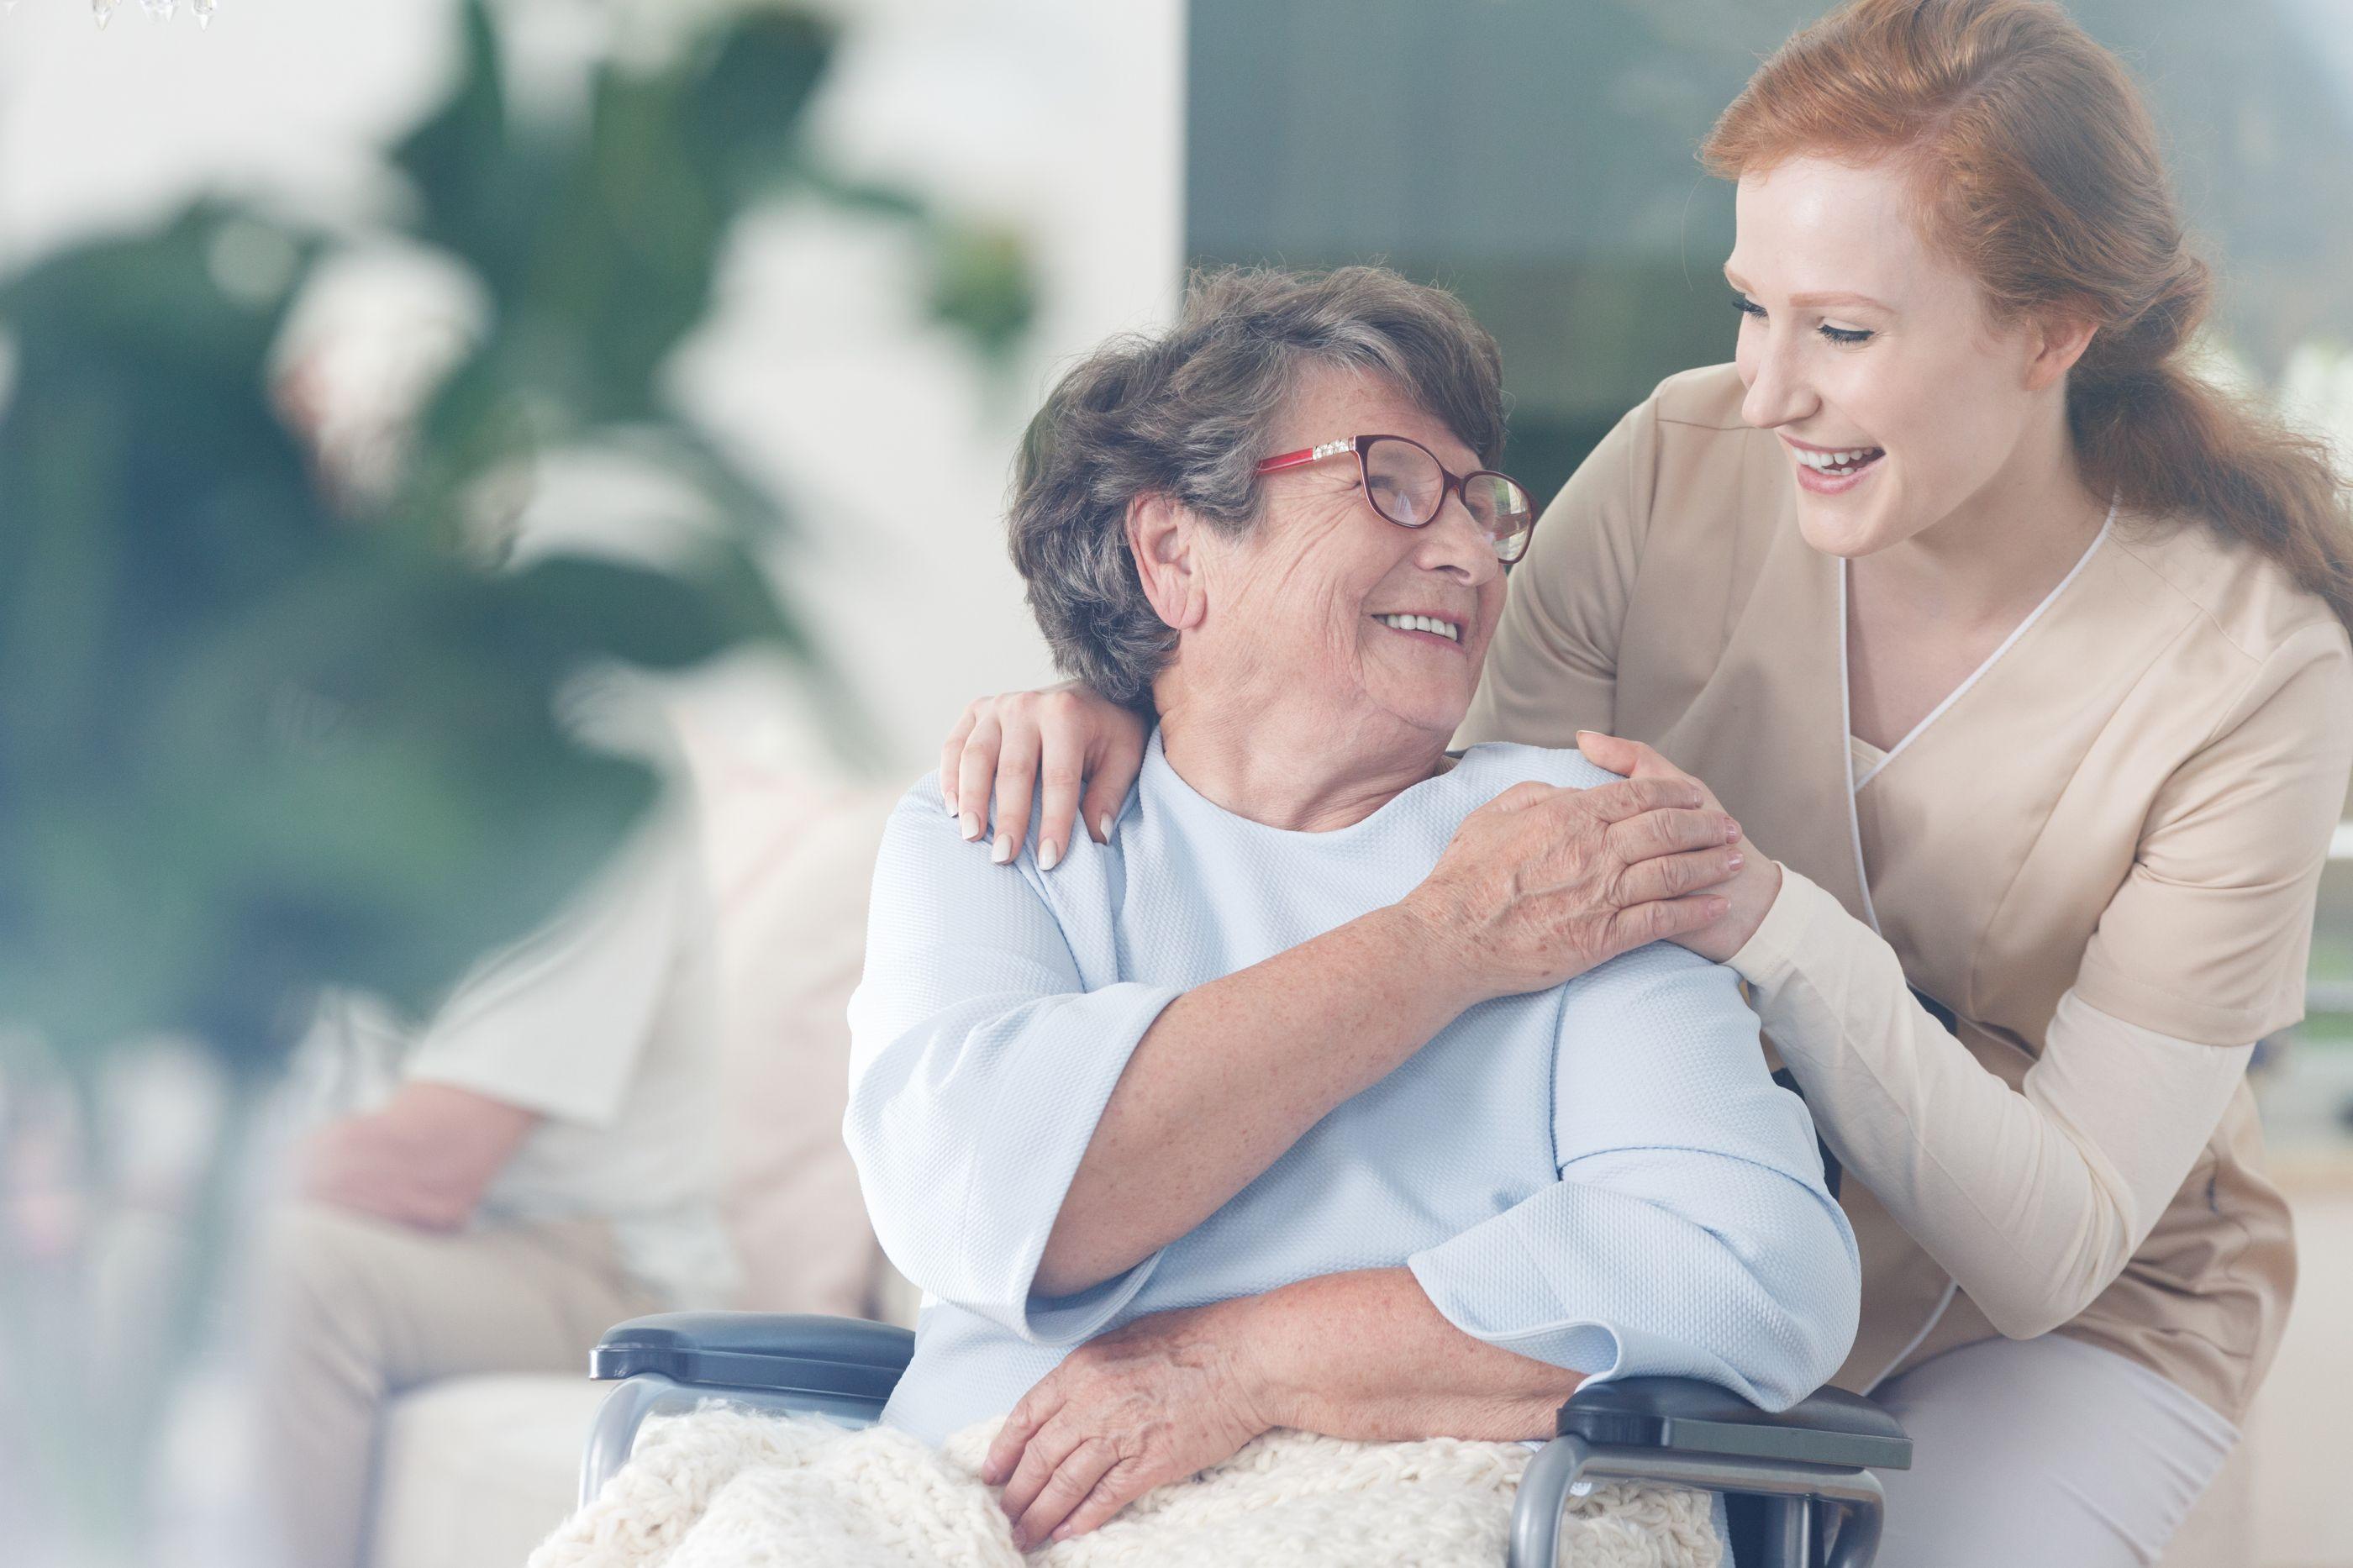 Almada assinala Dia Internacional das Pessoas com Deficiência